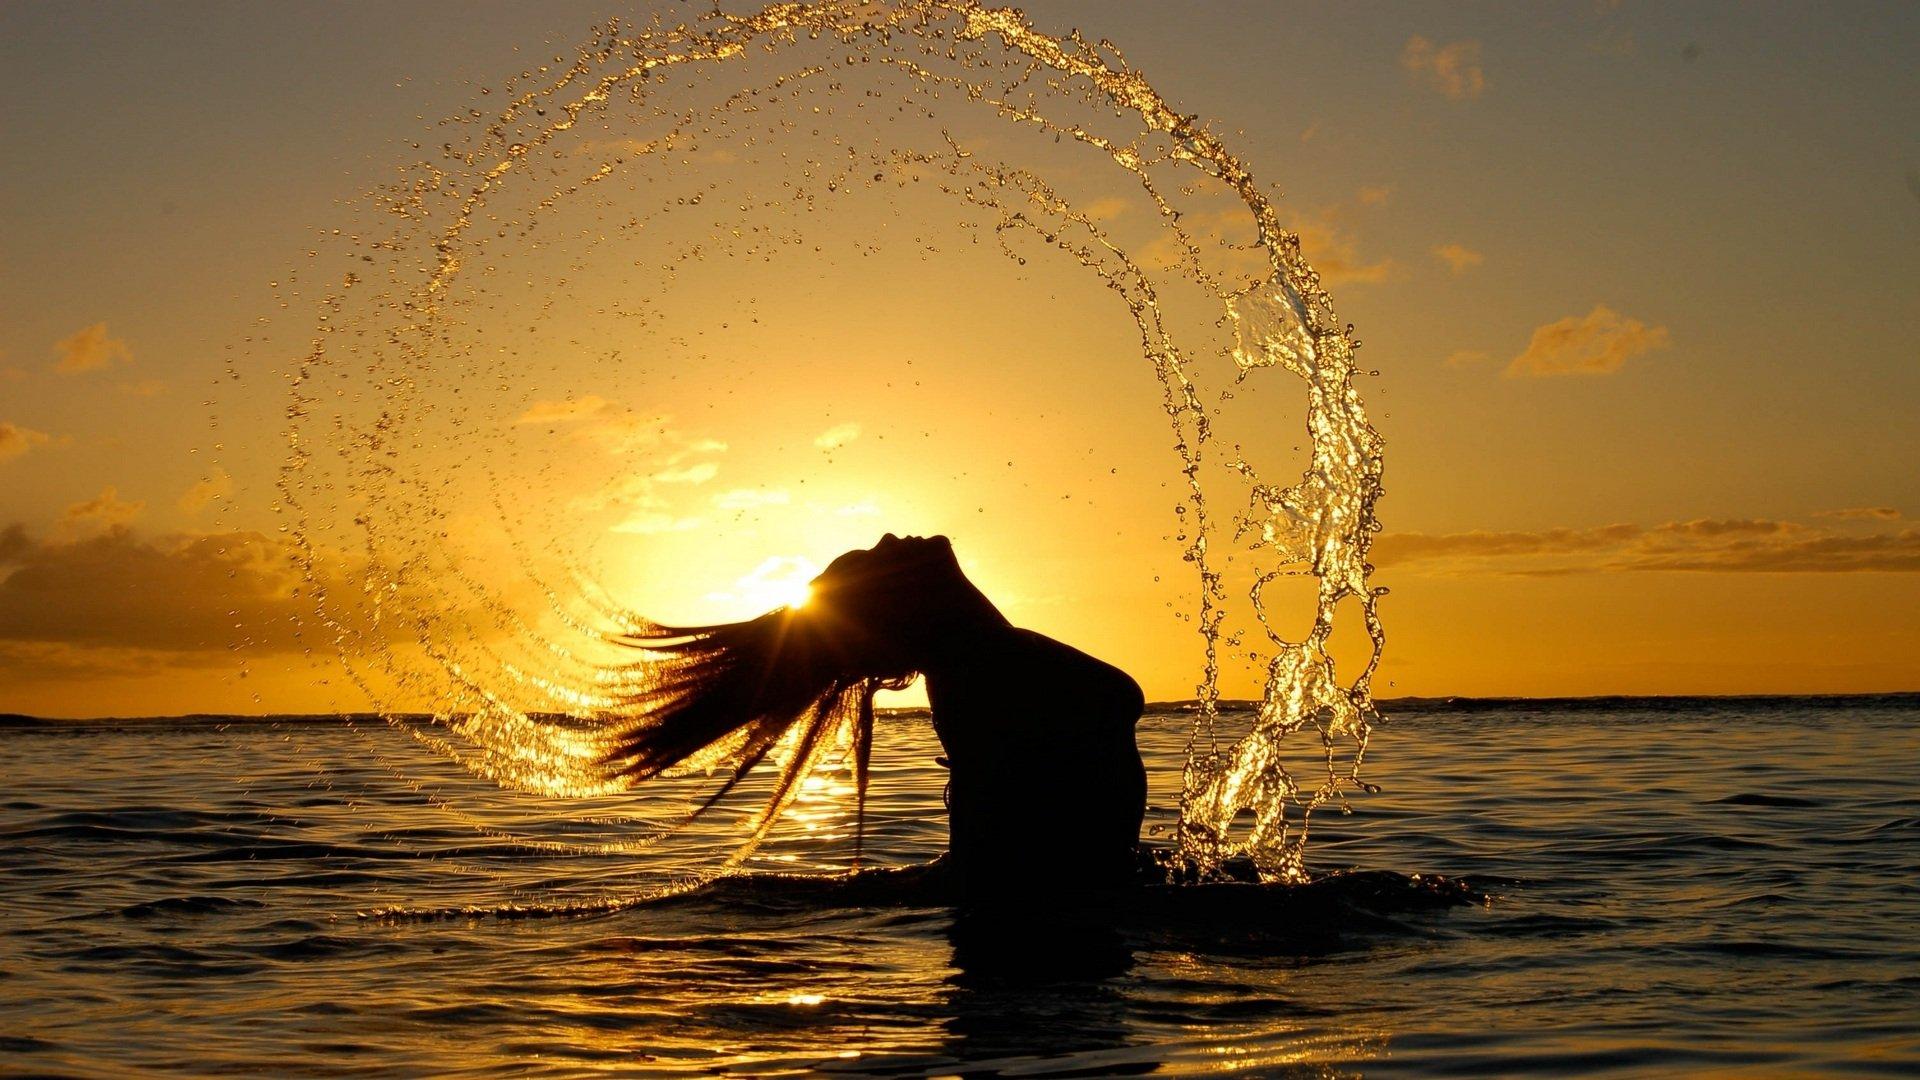 بالصور صور غروب الشمس رومنسية روعة لا تفوتوها 4180